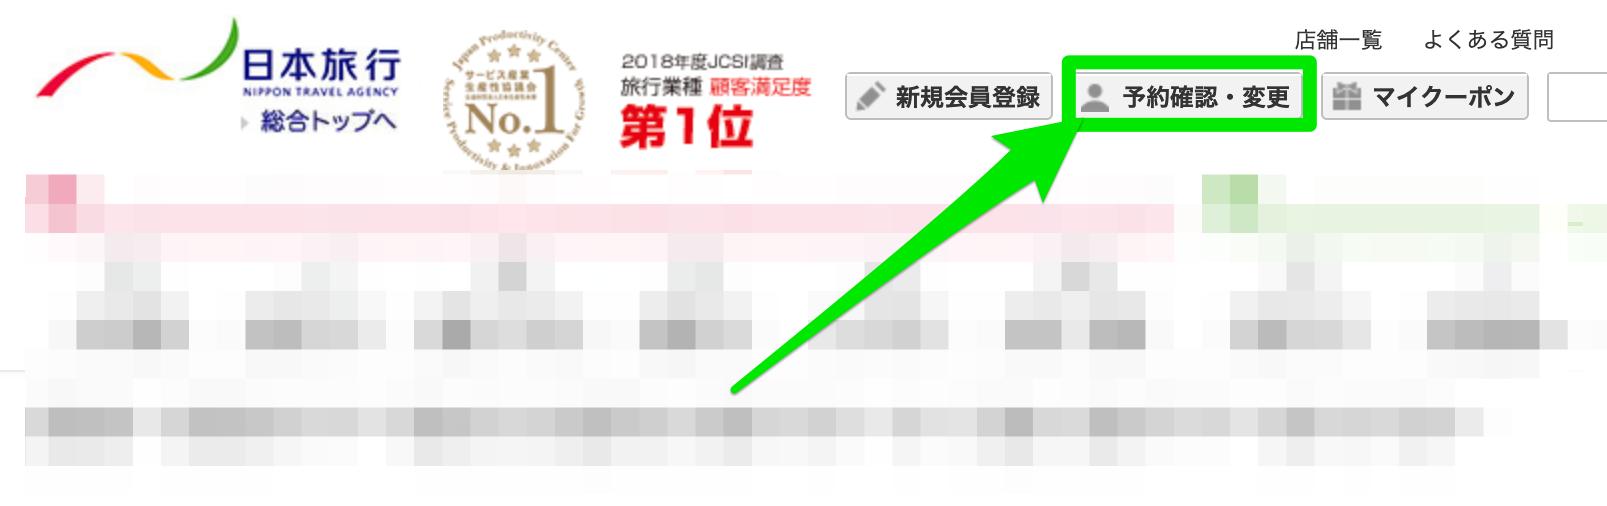 日本旅行のマイページにアクセスする方法